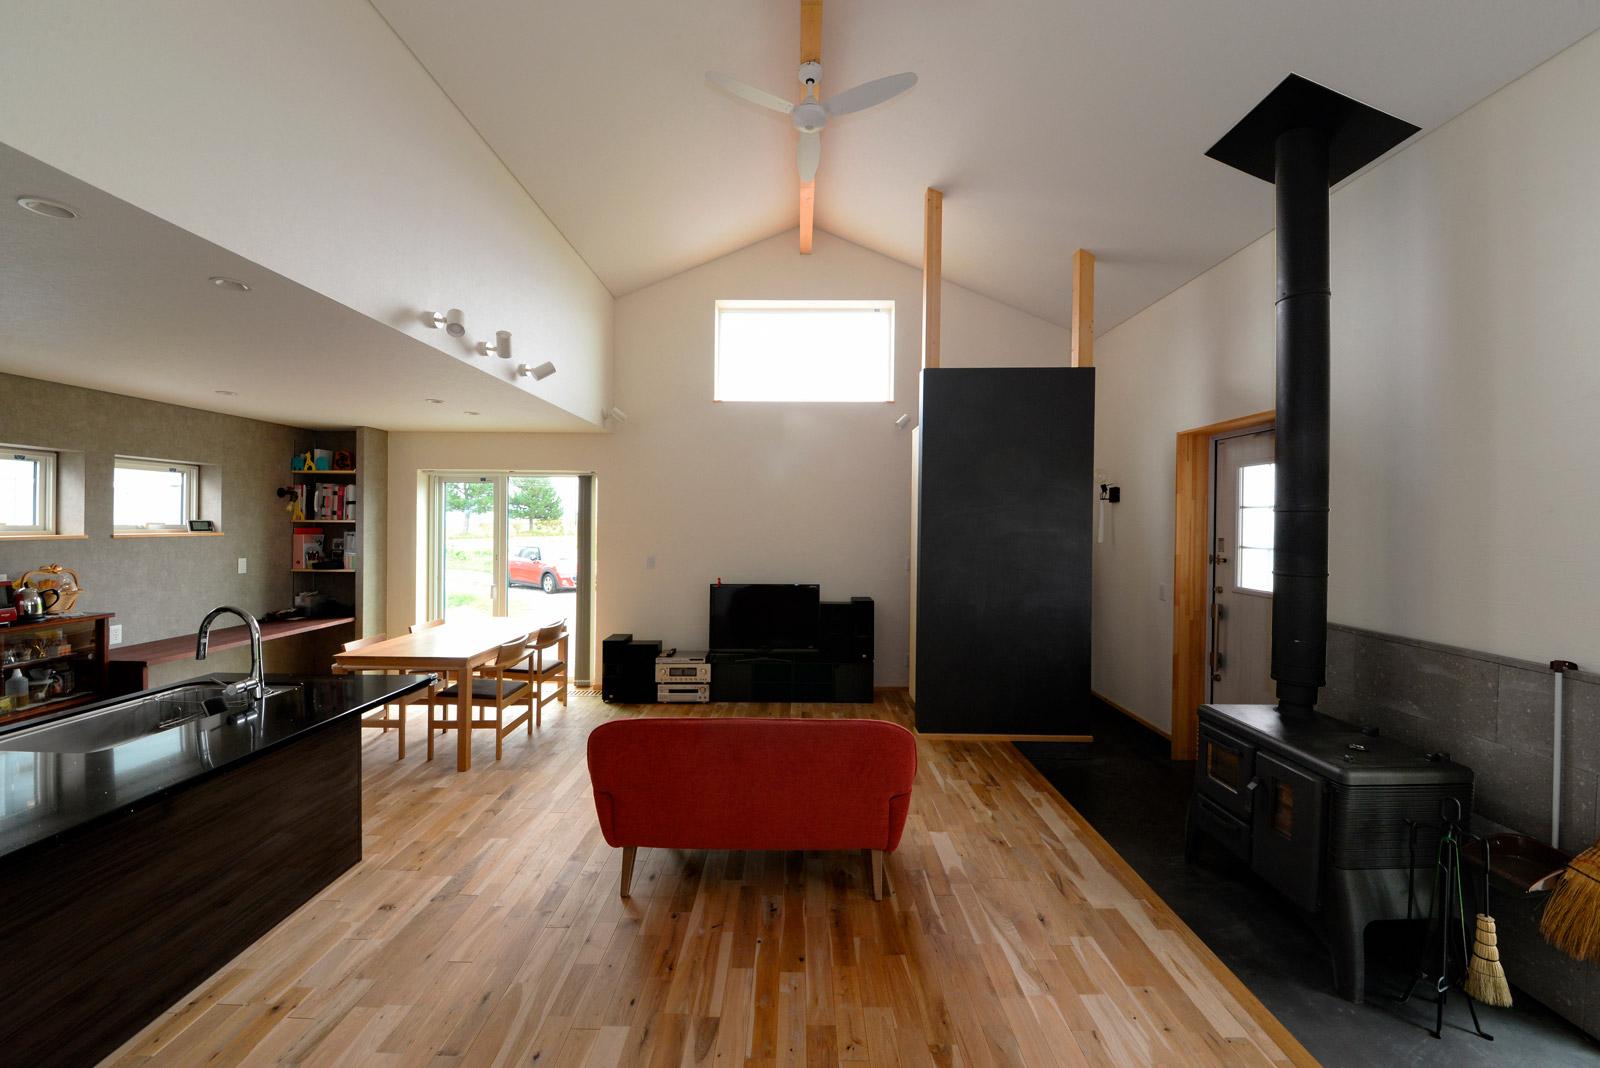 外断熱で実現した4mの天井高が心地よいLDK。黒板塗料を塗ったパーティションの向こうには、シューズクロークが設けられている